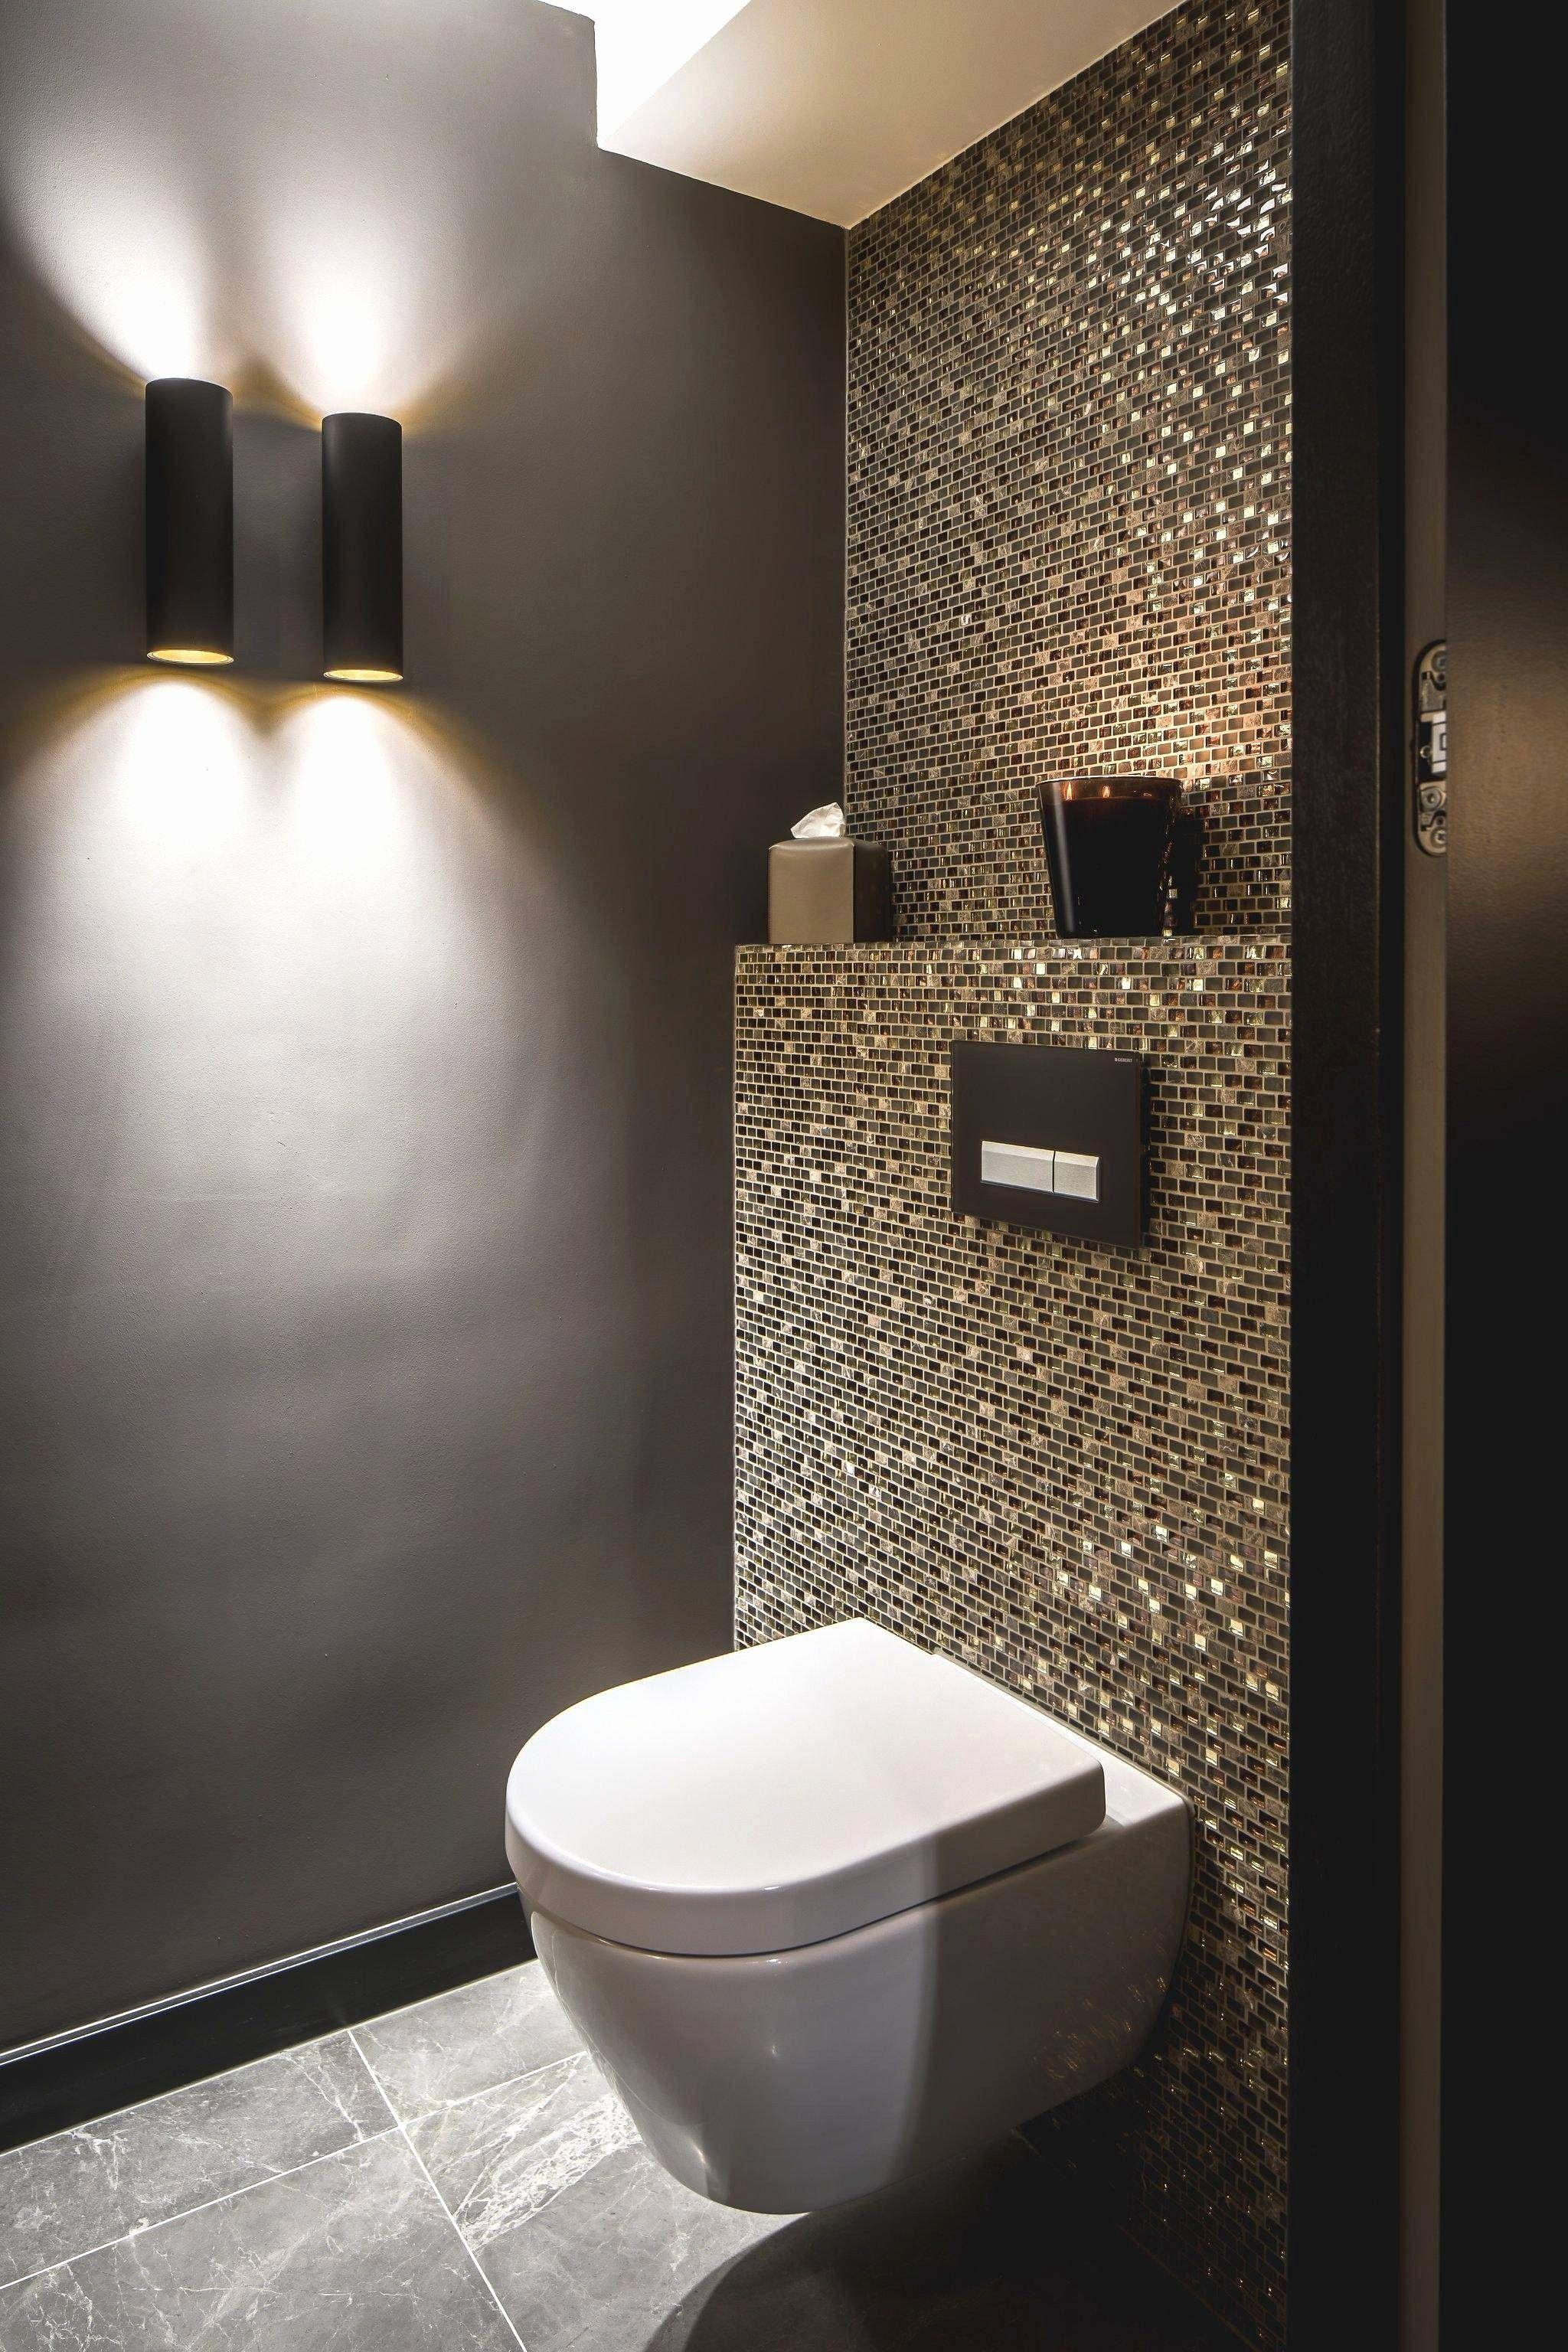 41 Popular Badezimmer Aufbewahrung Korbe Ikea Du Kannst Es Versuchen Badewanne Fliesen Bad Fliesen Ideen Schone Badezimmer